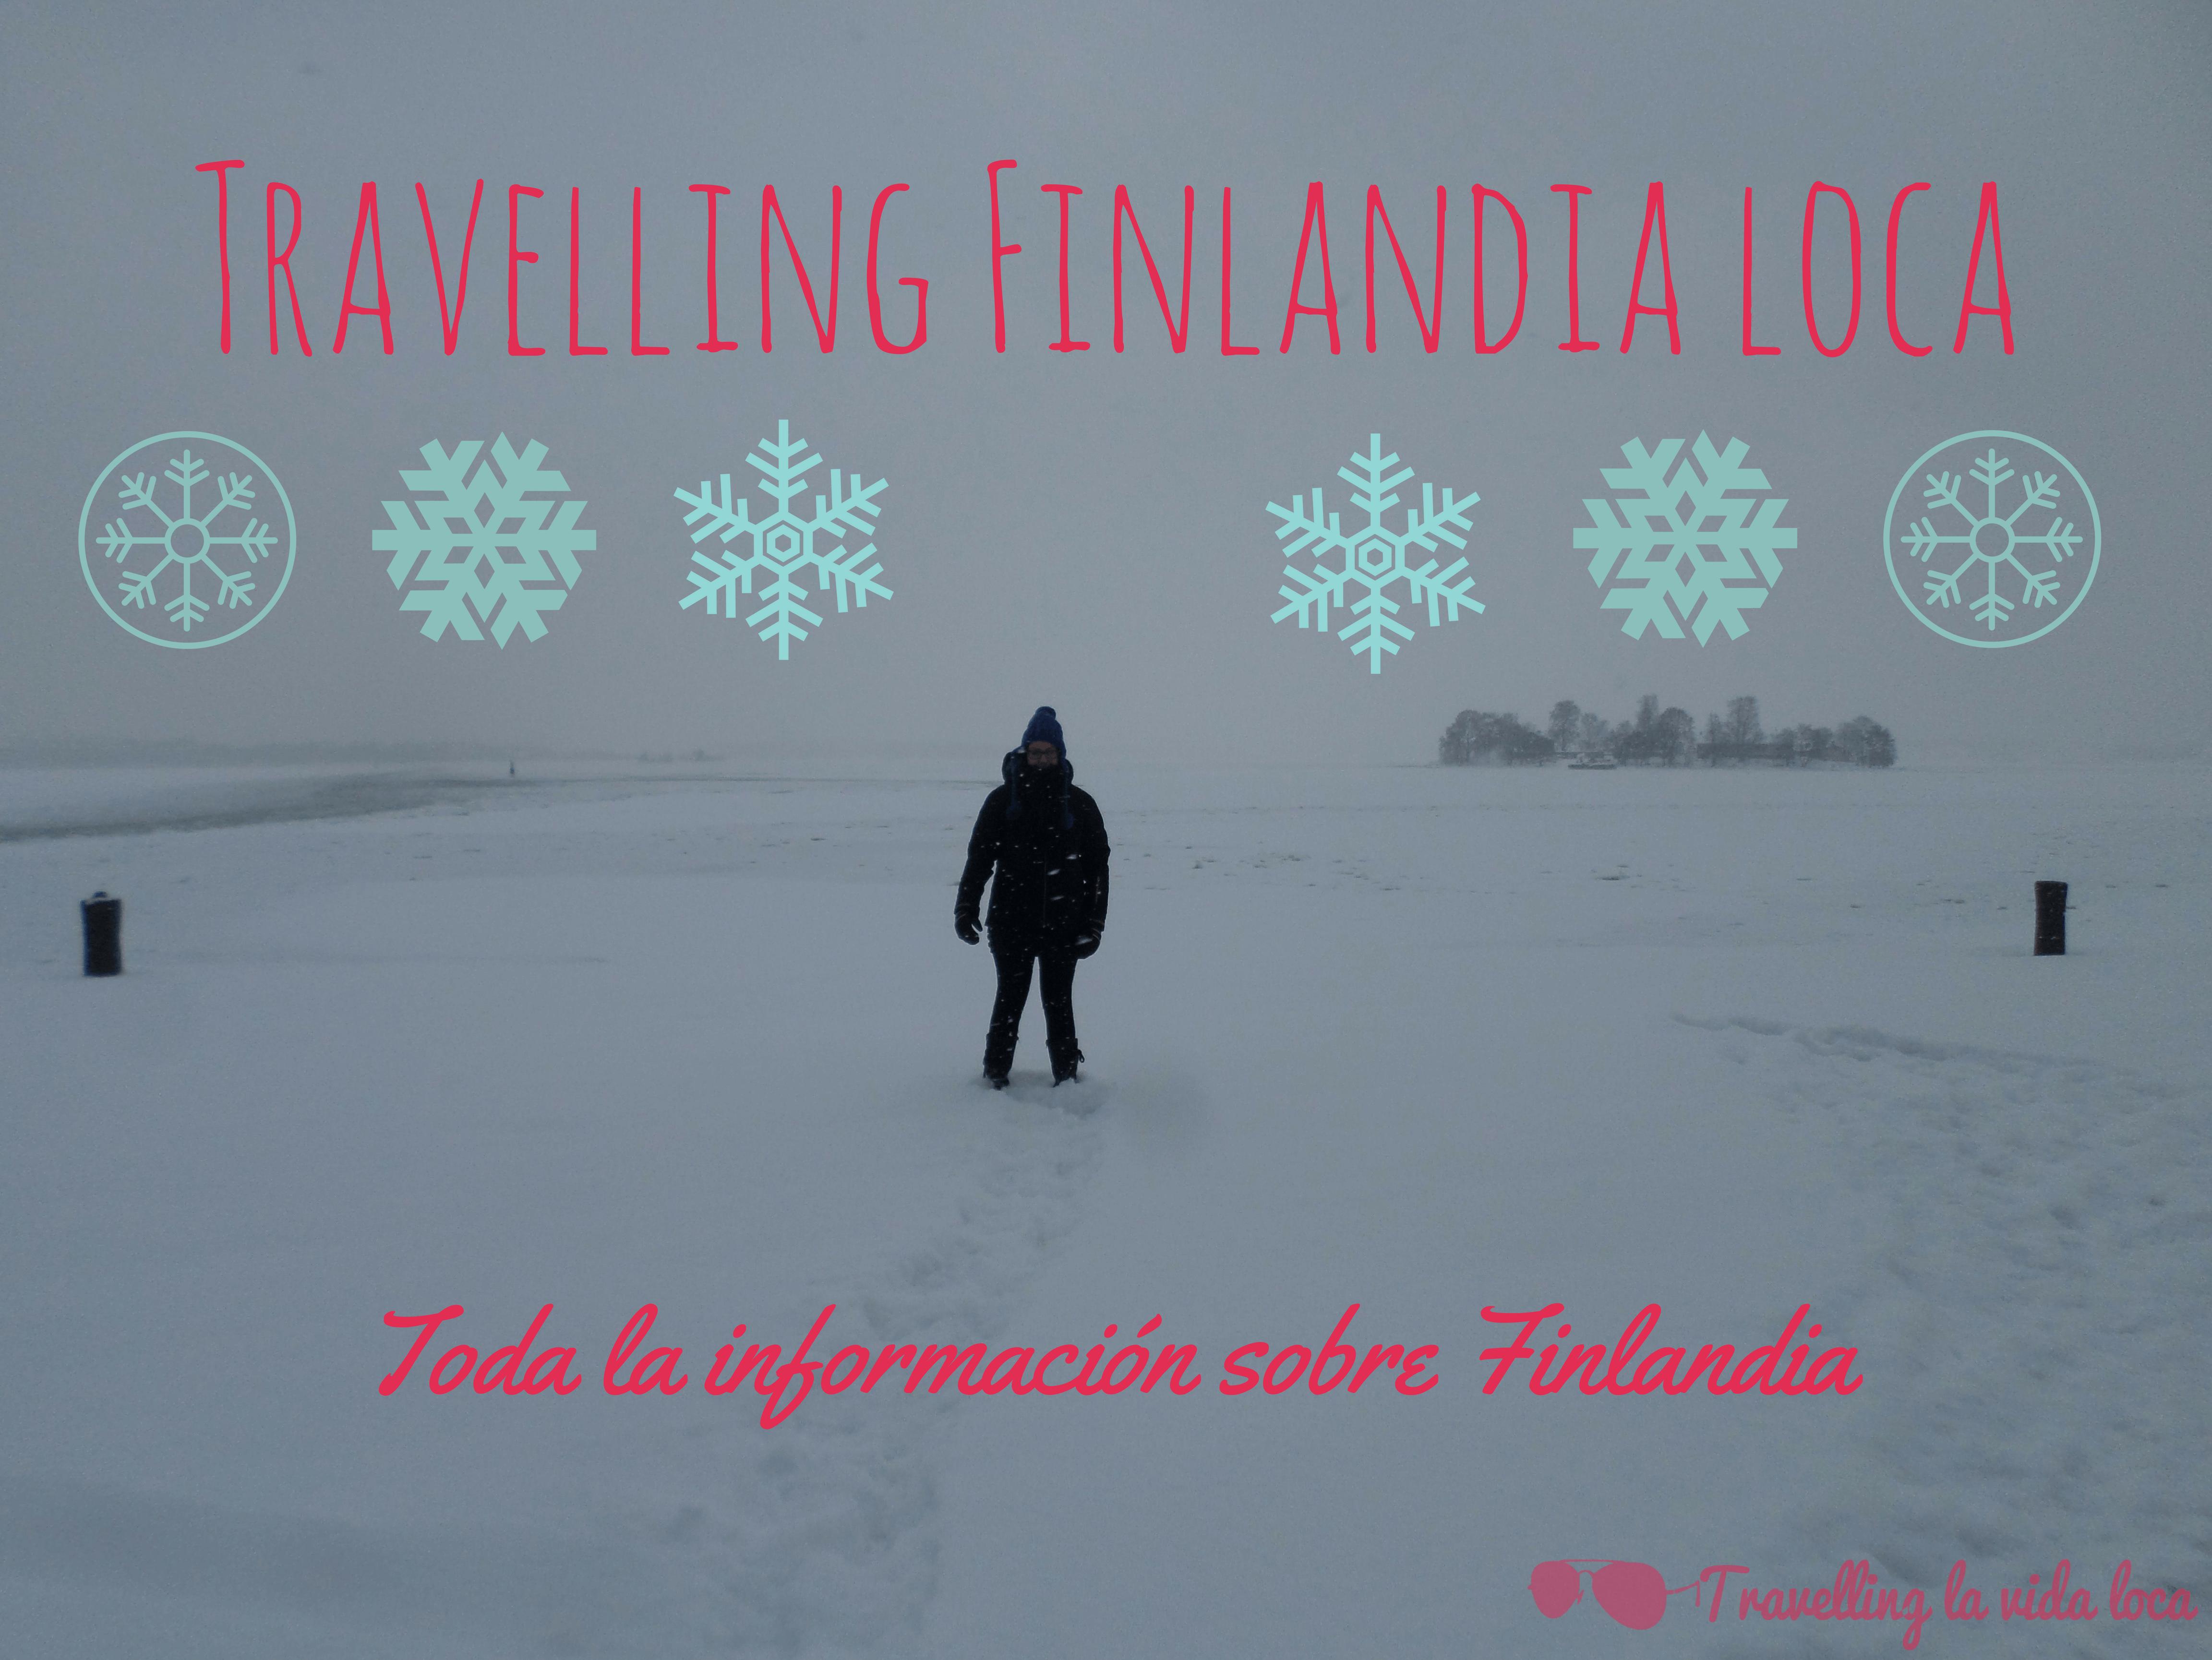 Travelling Finlandia loca